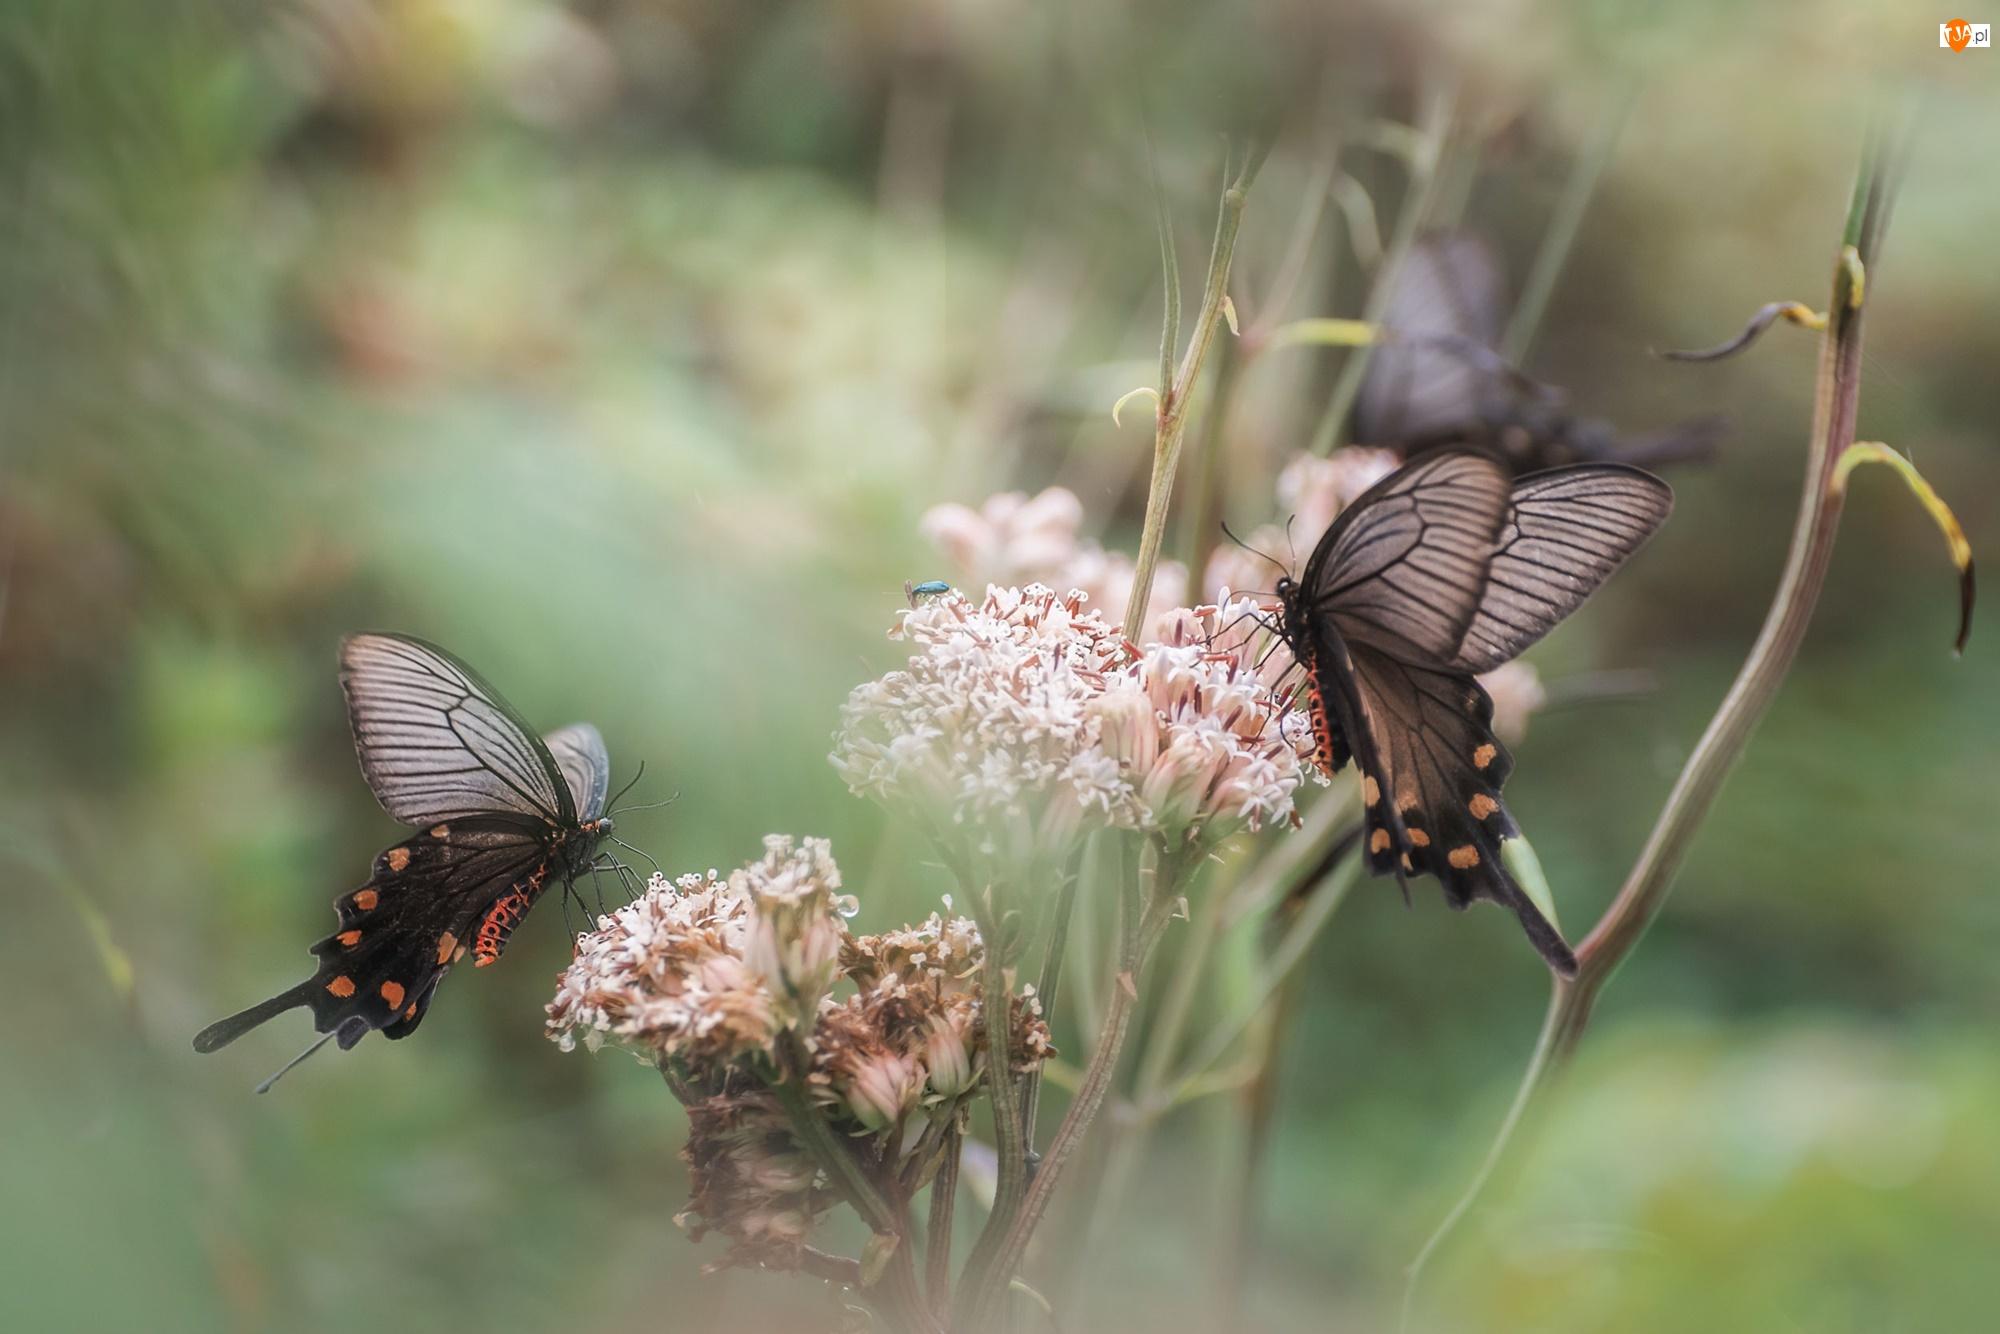 Kwiaty, Tło, Motyle, Dwa, Rozmyte